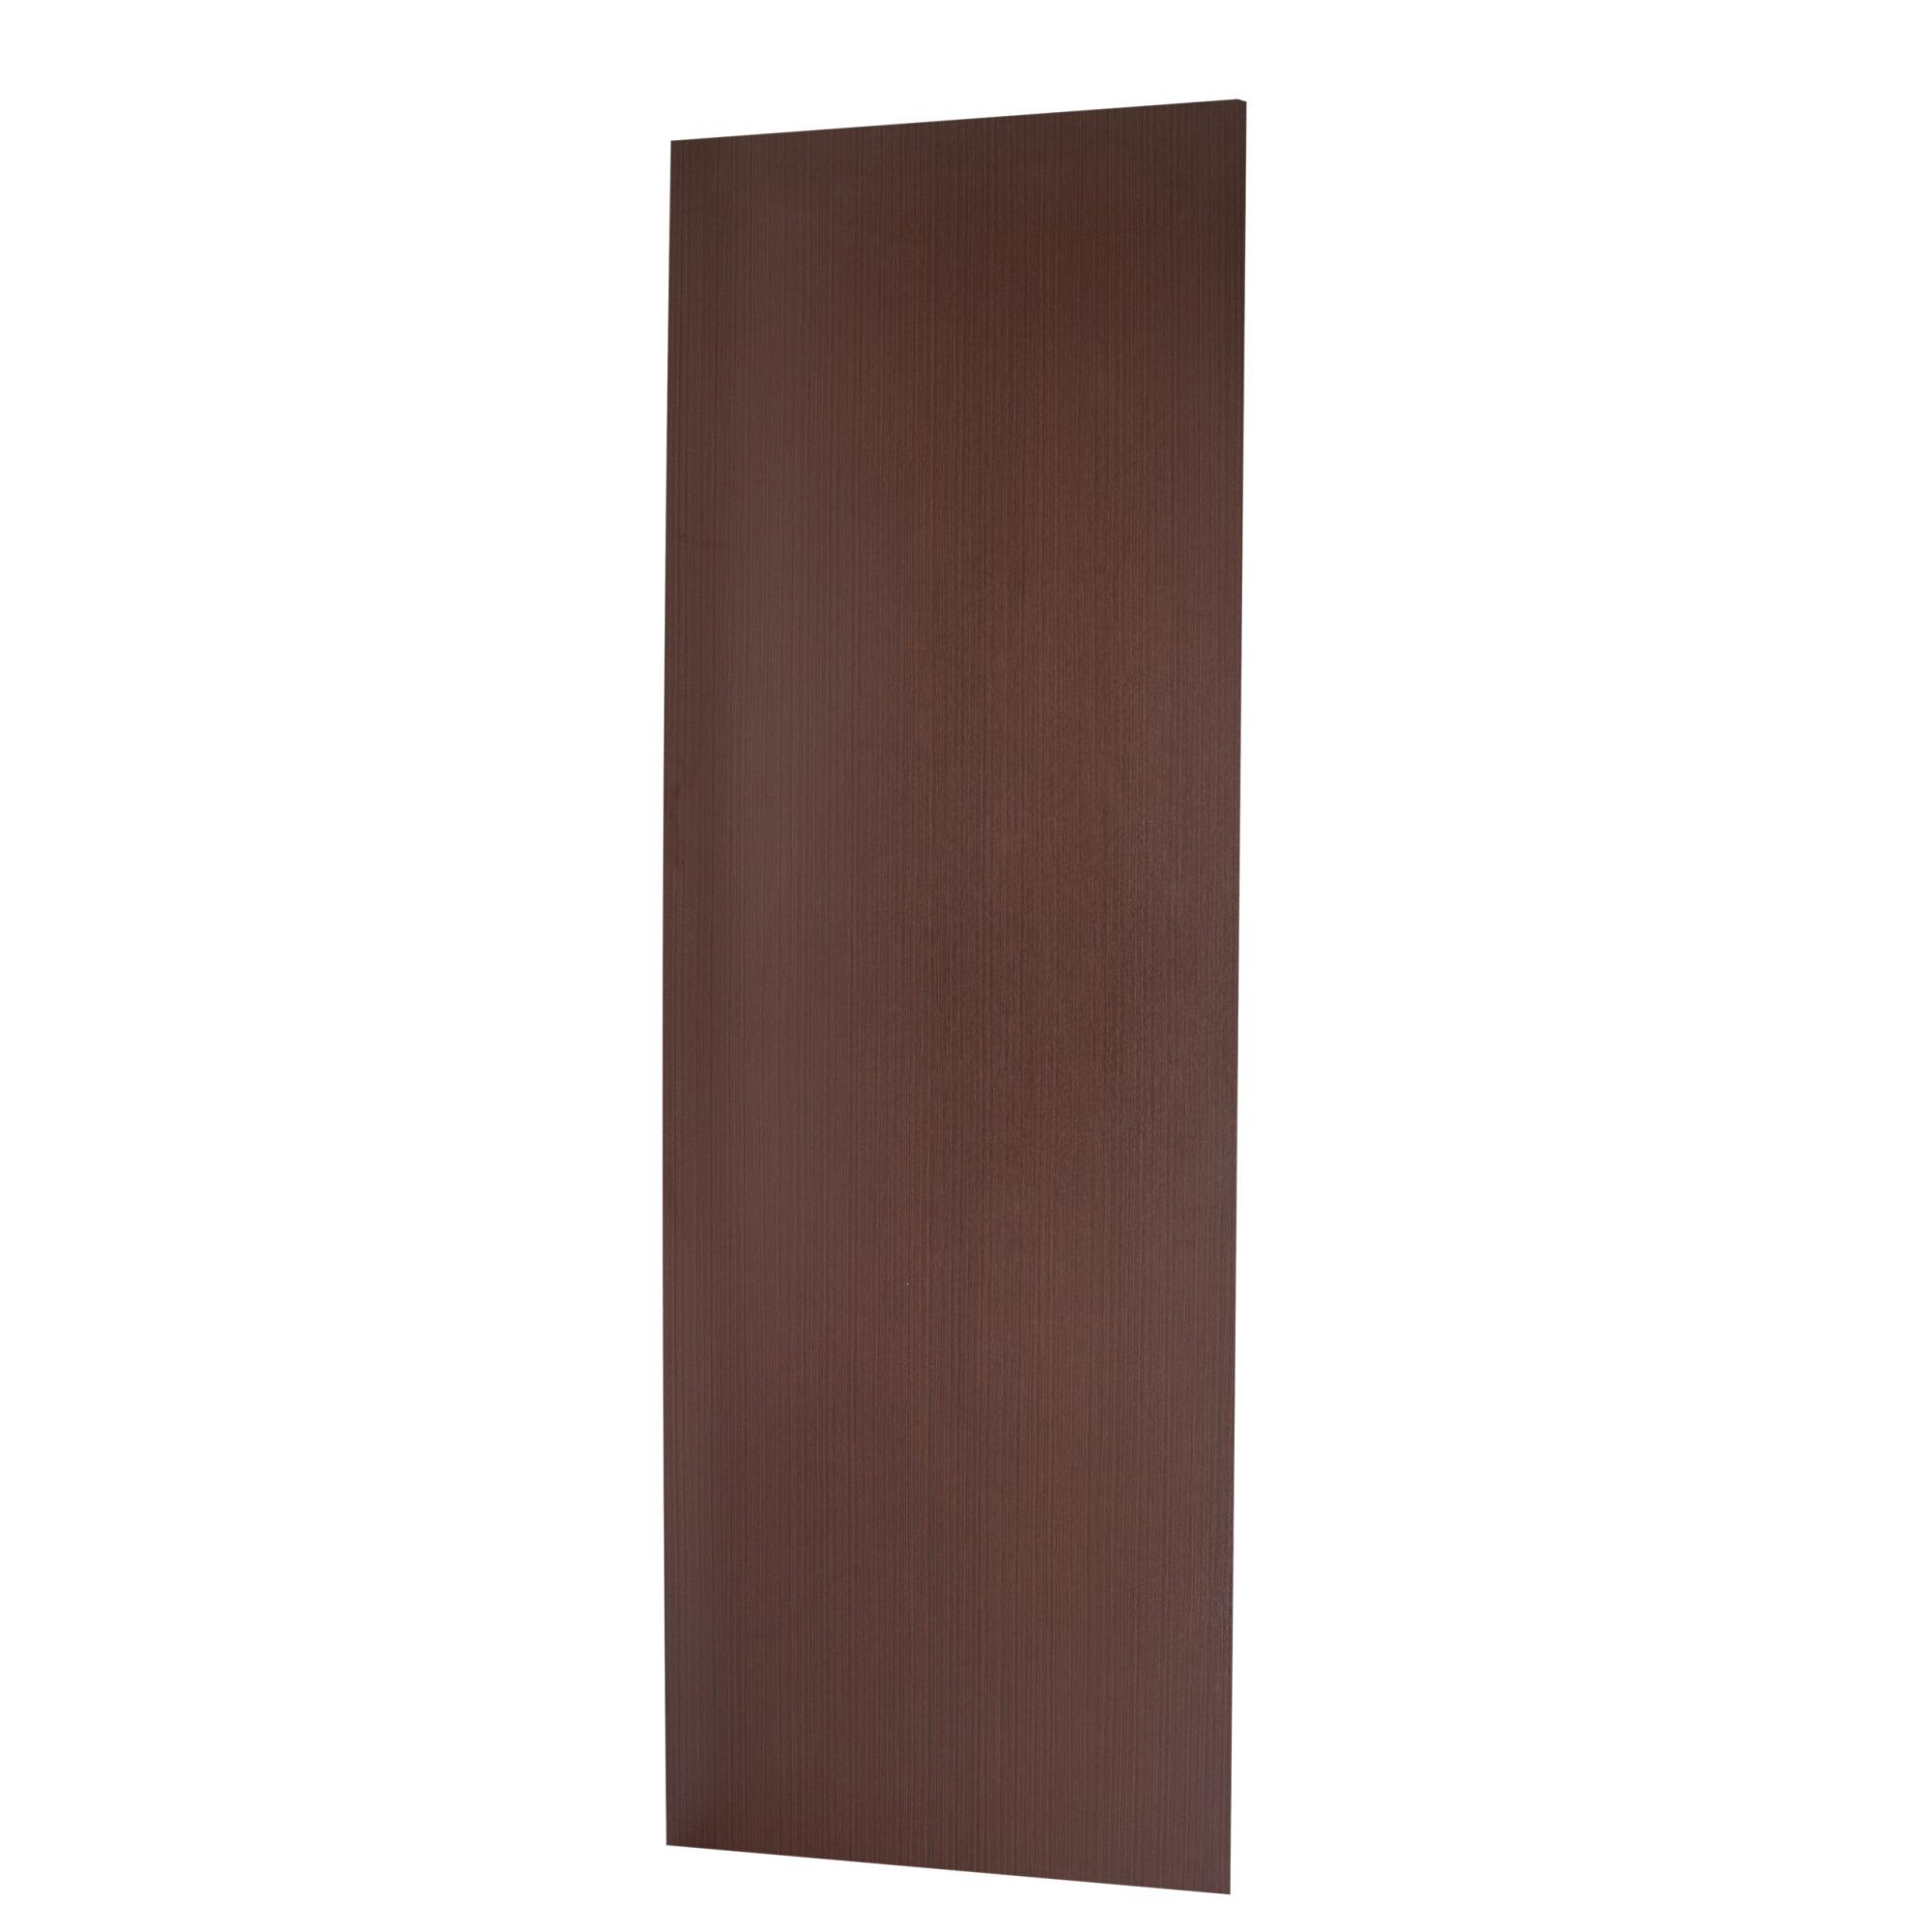 Porta de Madeira de Abrir Lisa Semissolido 90 x 210cm Pinus Branco - 537766 - Madelar